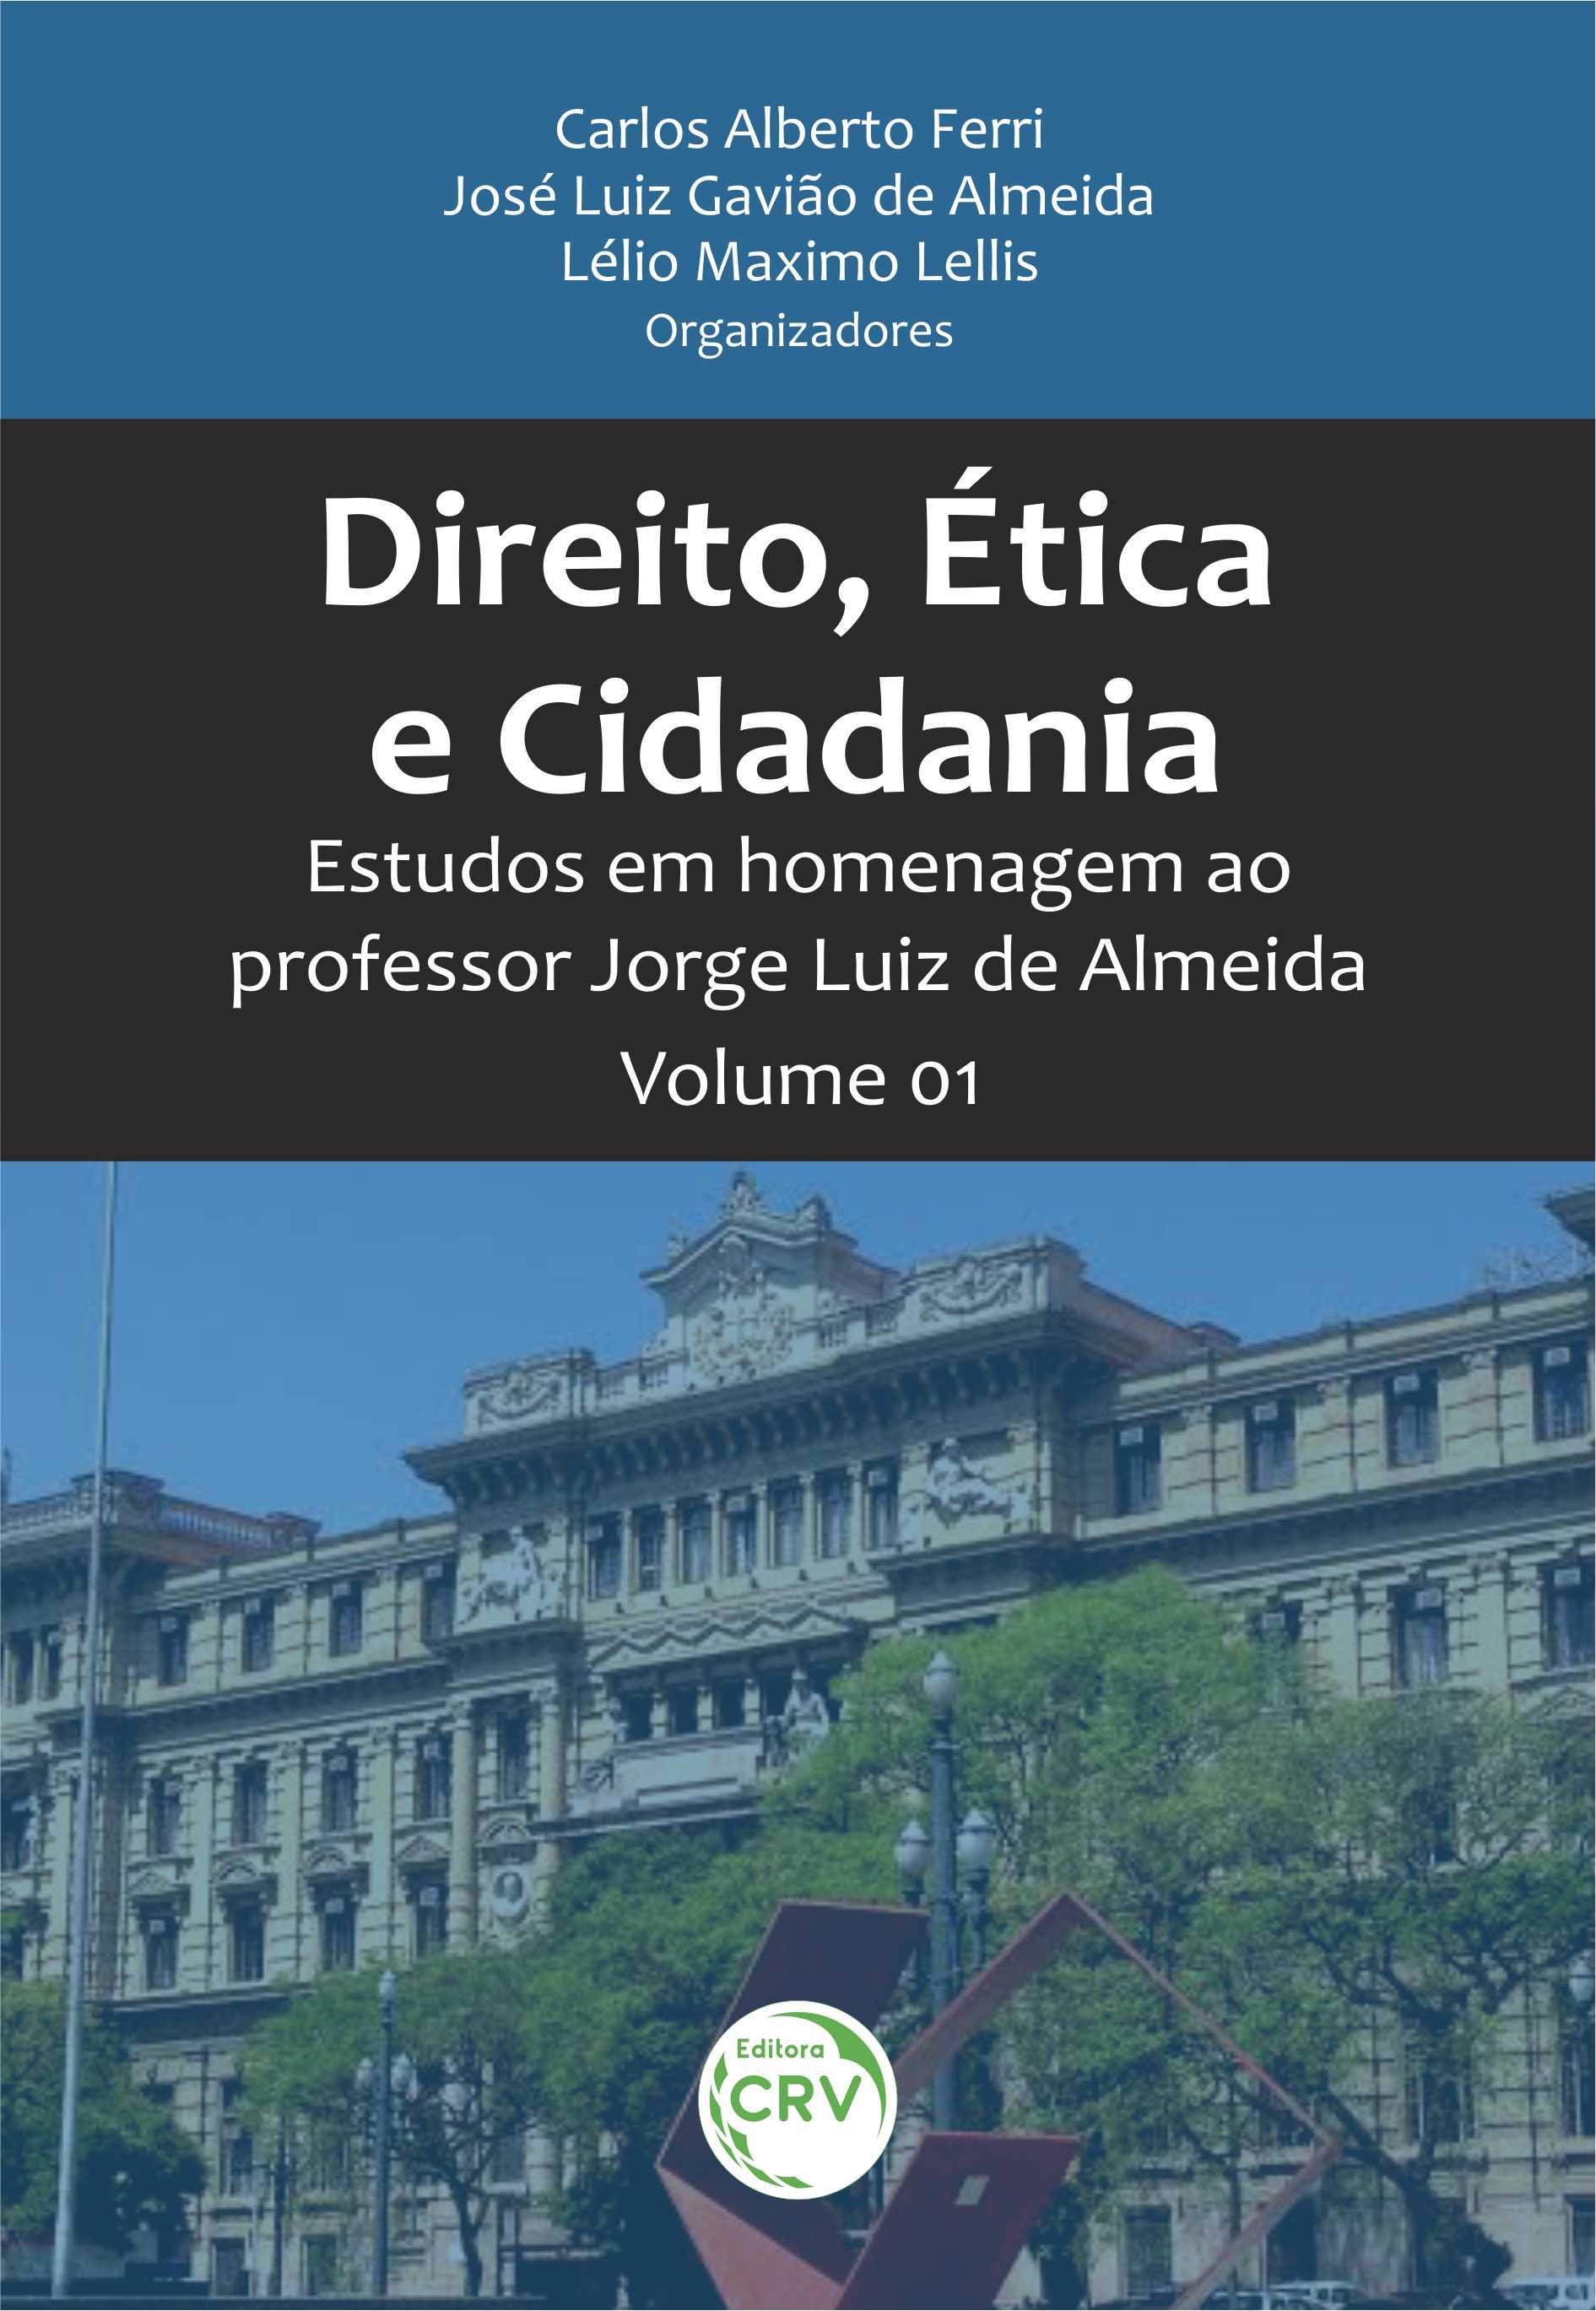 Capa do livro: DIREITO, ÉTICA E CIDADANIA: <br> ESTUDOS EM HOMENAGEM AO PROFESSOR JORGE LUIZ DE ALMEIDA Vol I